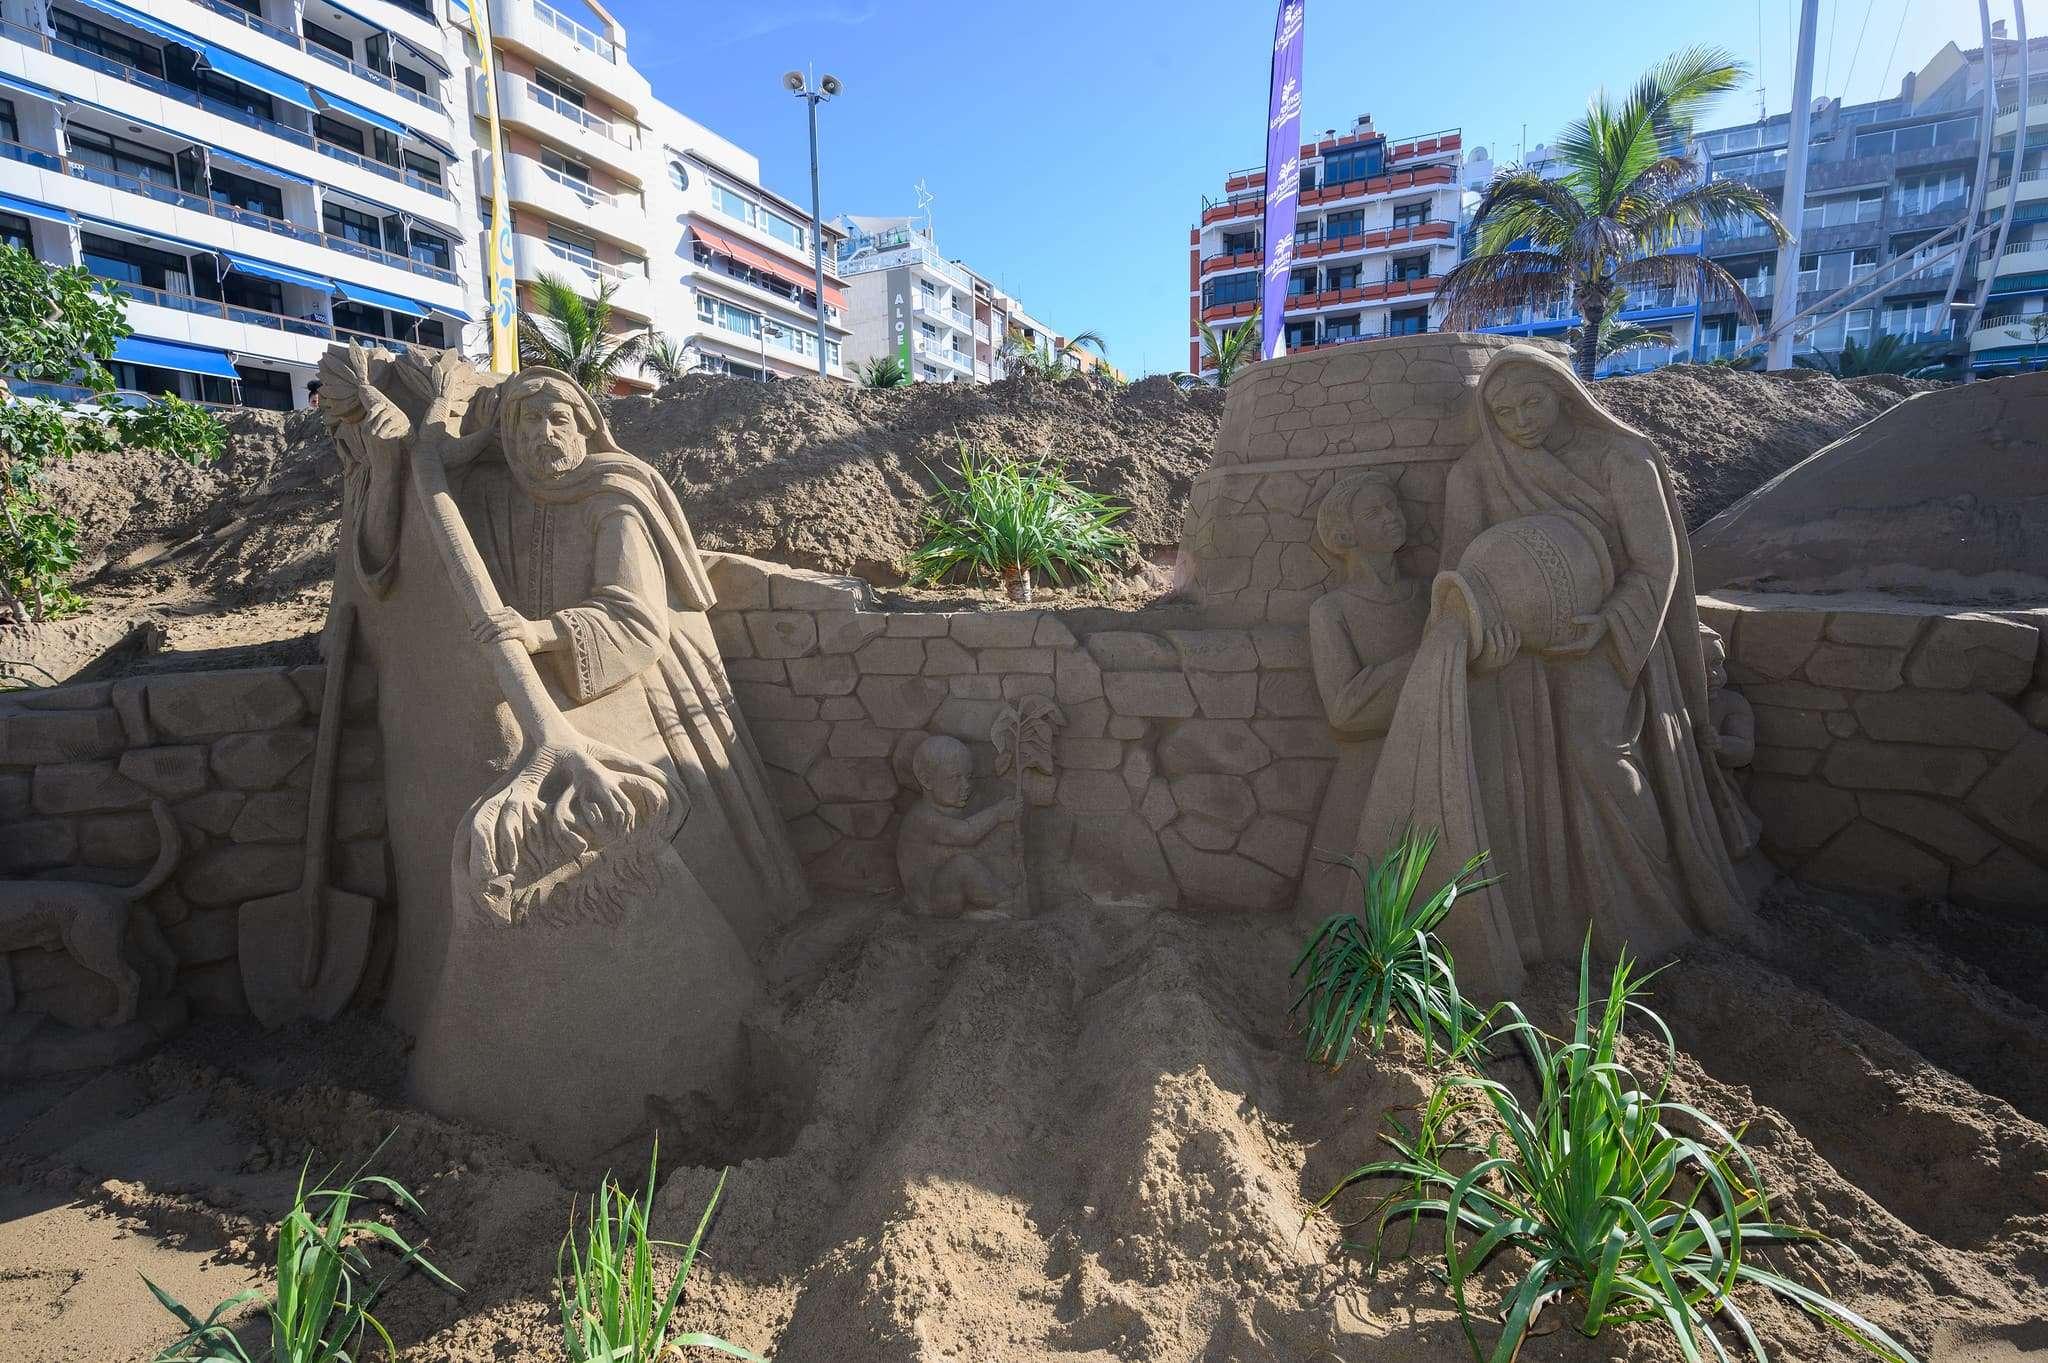 Un original Belén de arena para la navidad en Gran Canaria 83